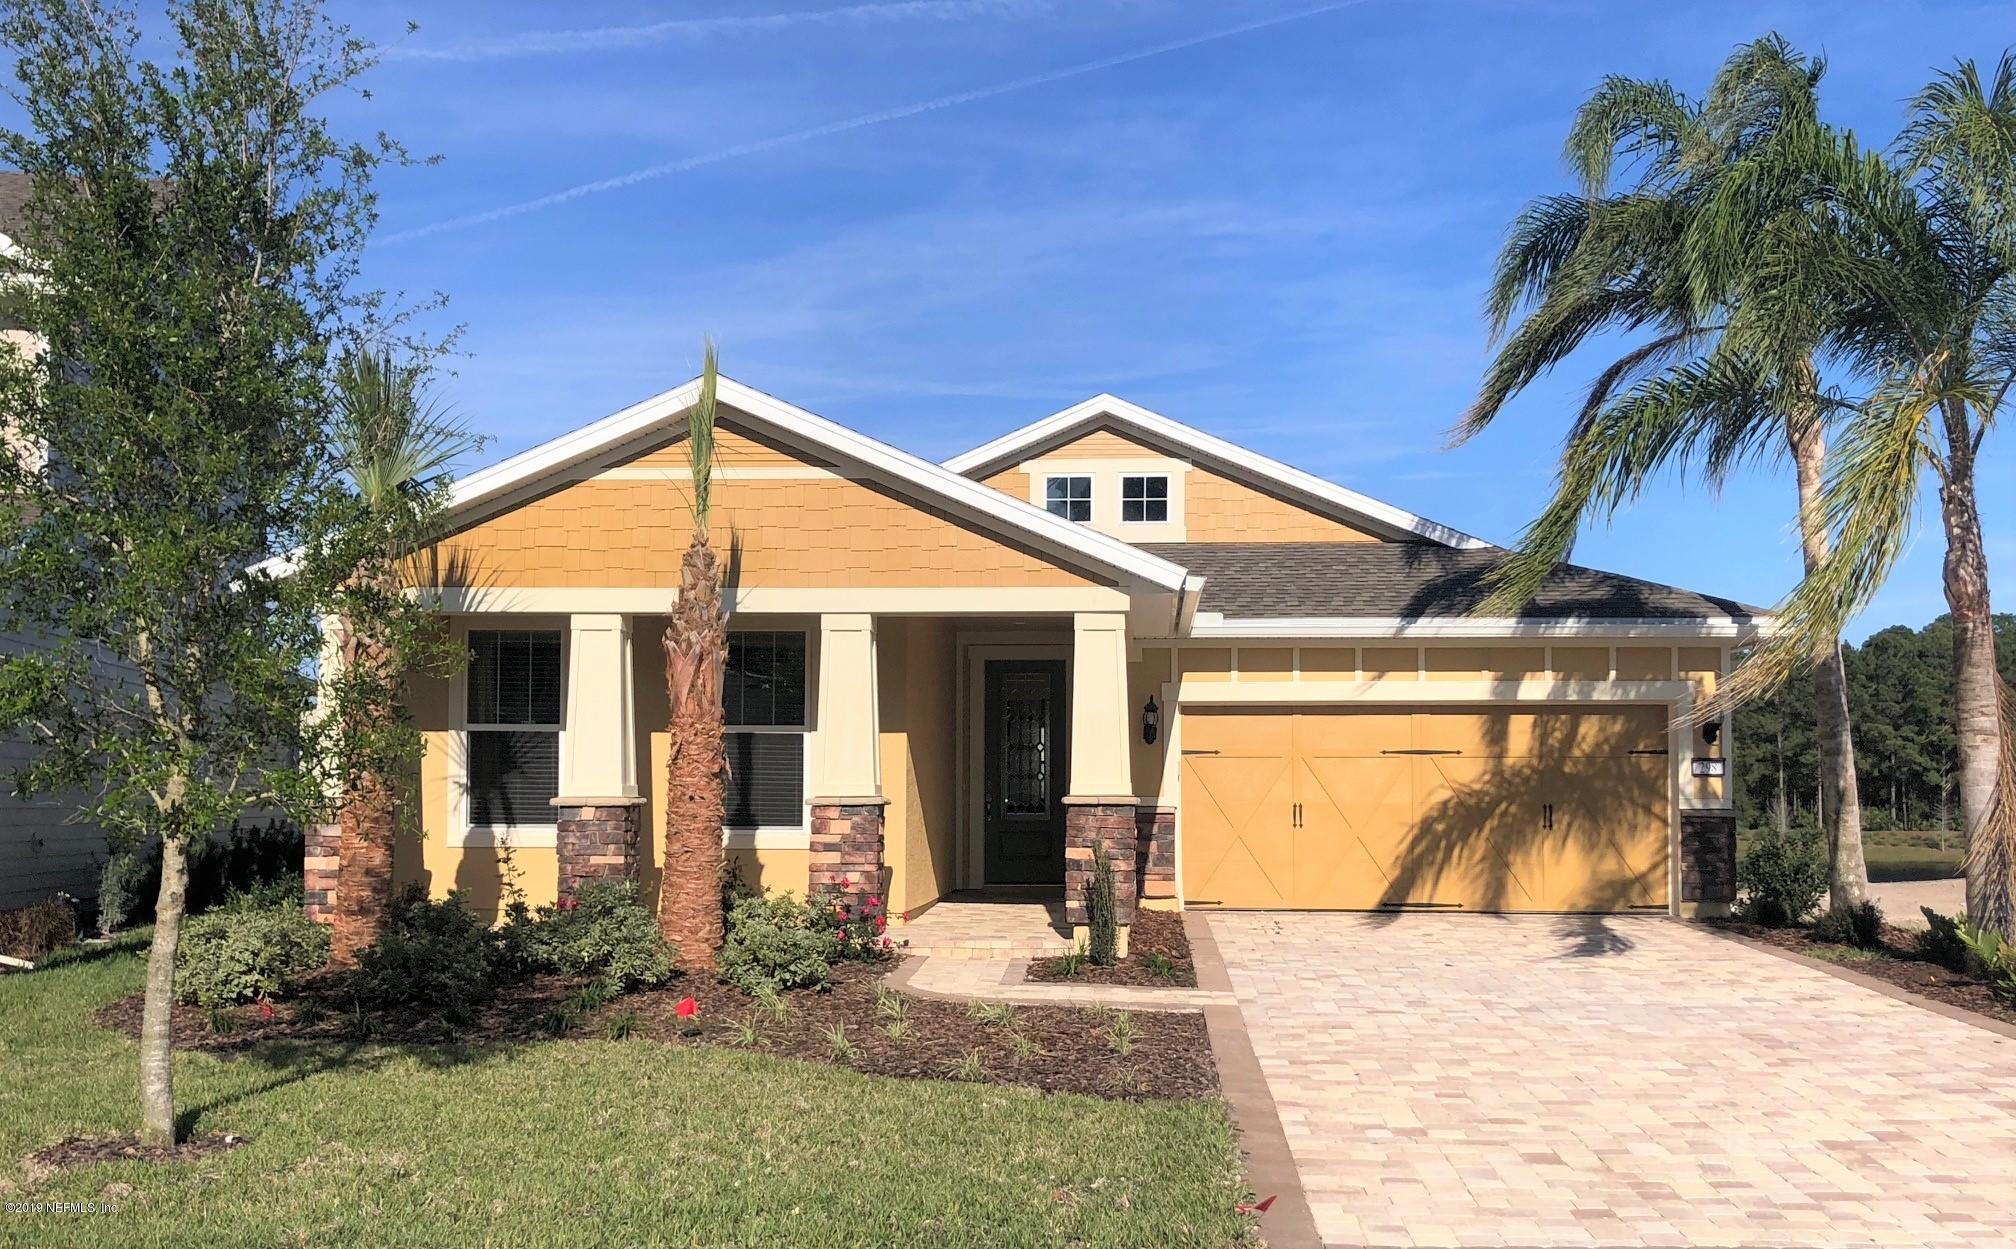 367 FRONT DOOR, ST AUGUSTINE, FLORIDA 32095, 3 Bedrooms Bedrooms, ,2 BathroomsBathrooms,Residential - single family,For sale,FRONT DOOR,1007794